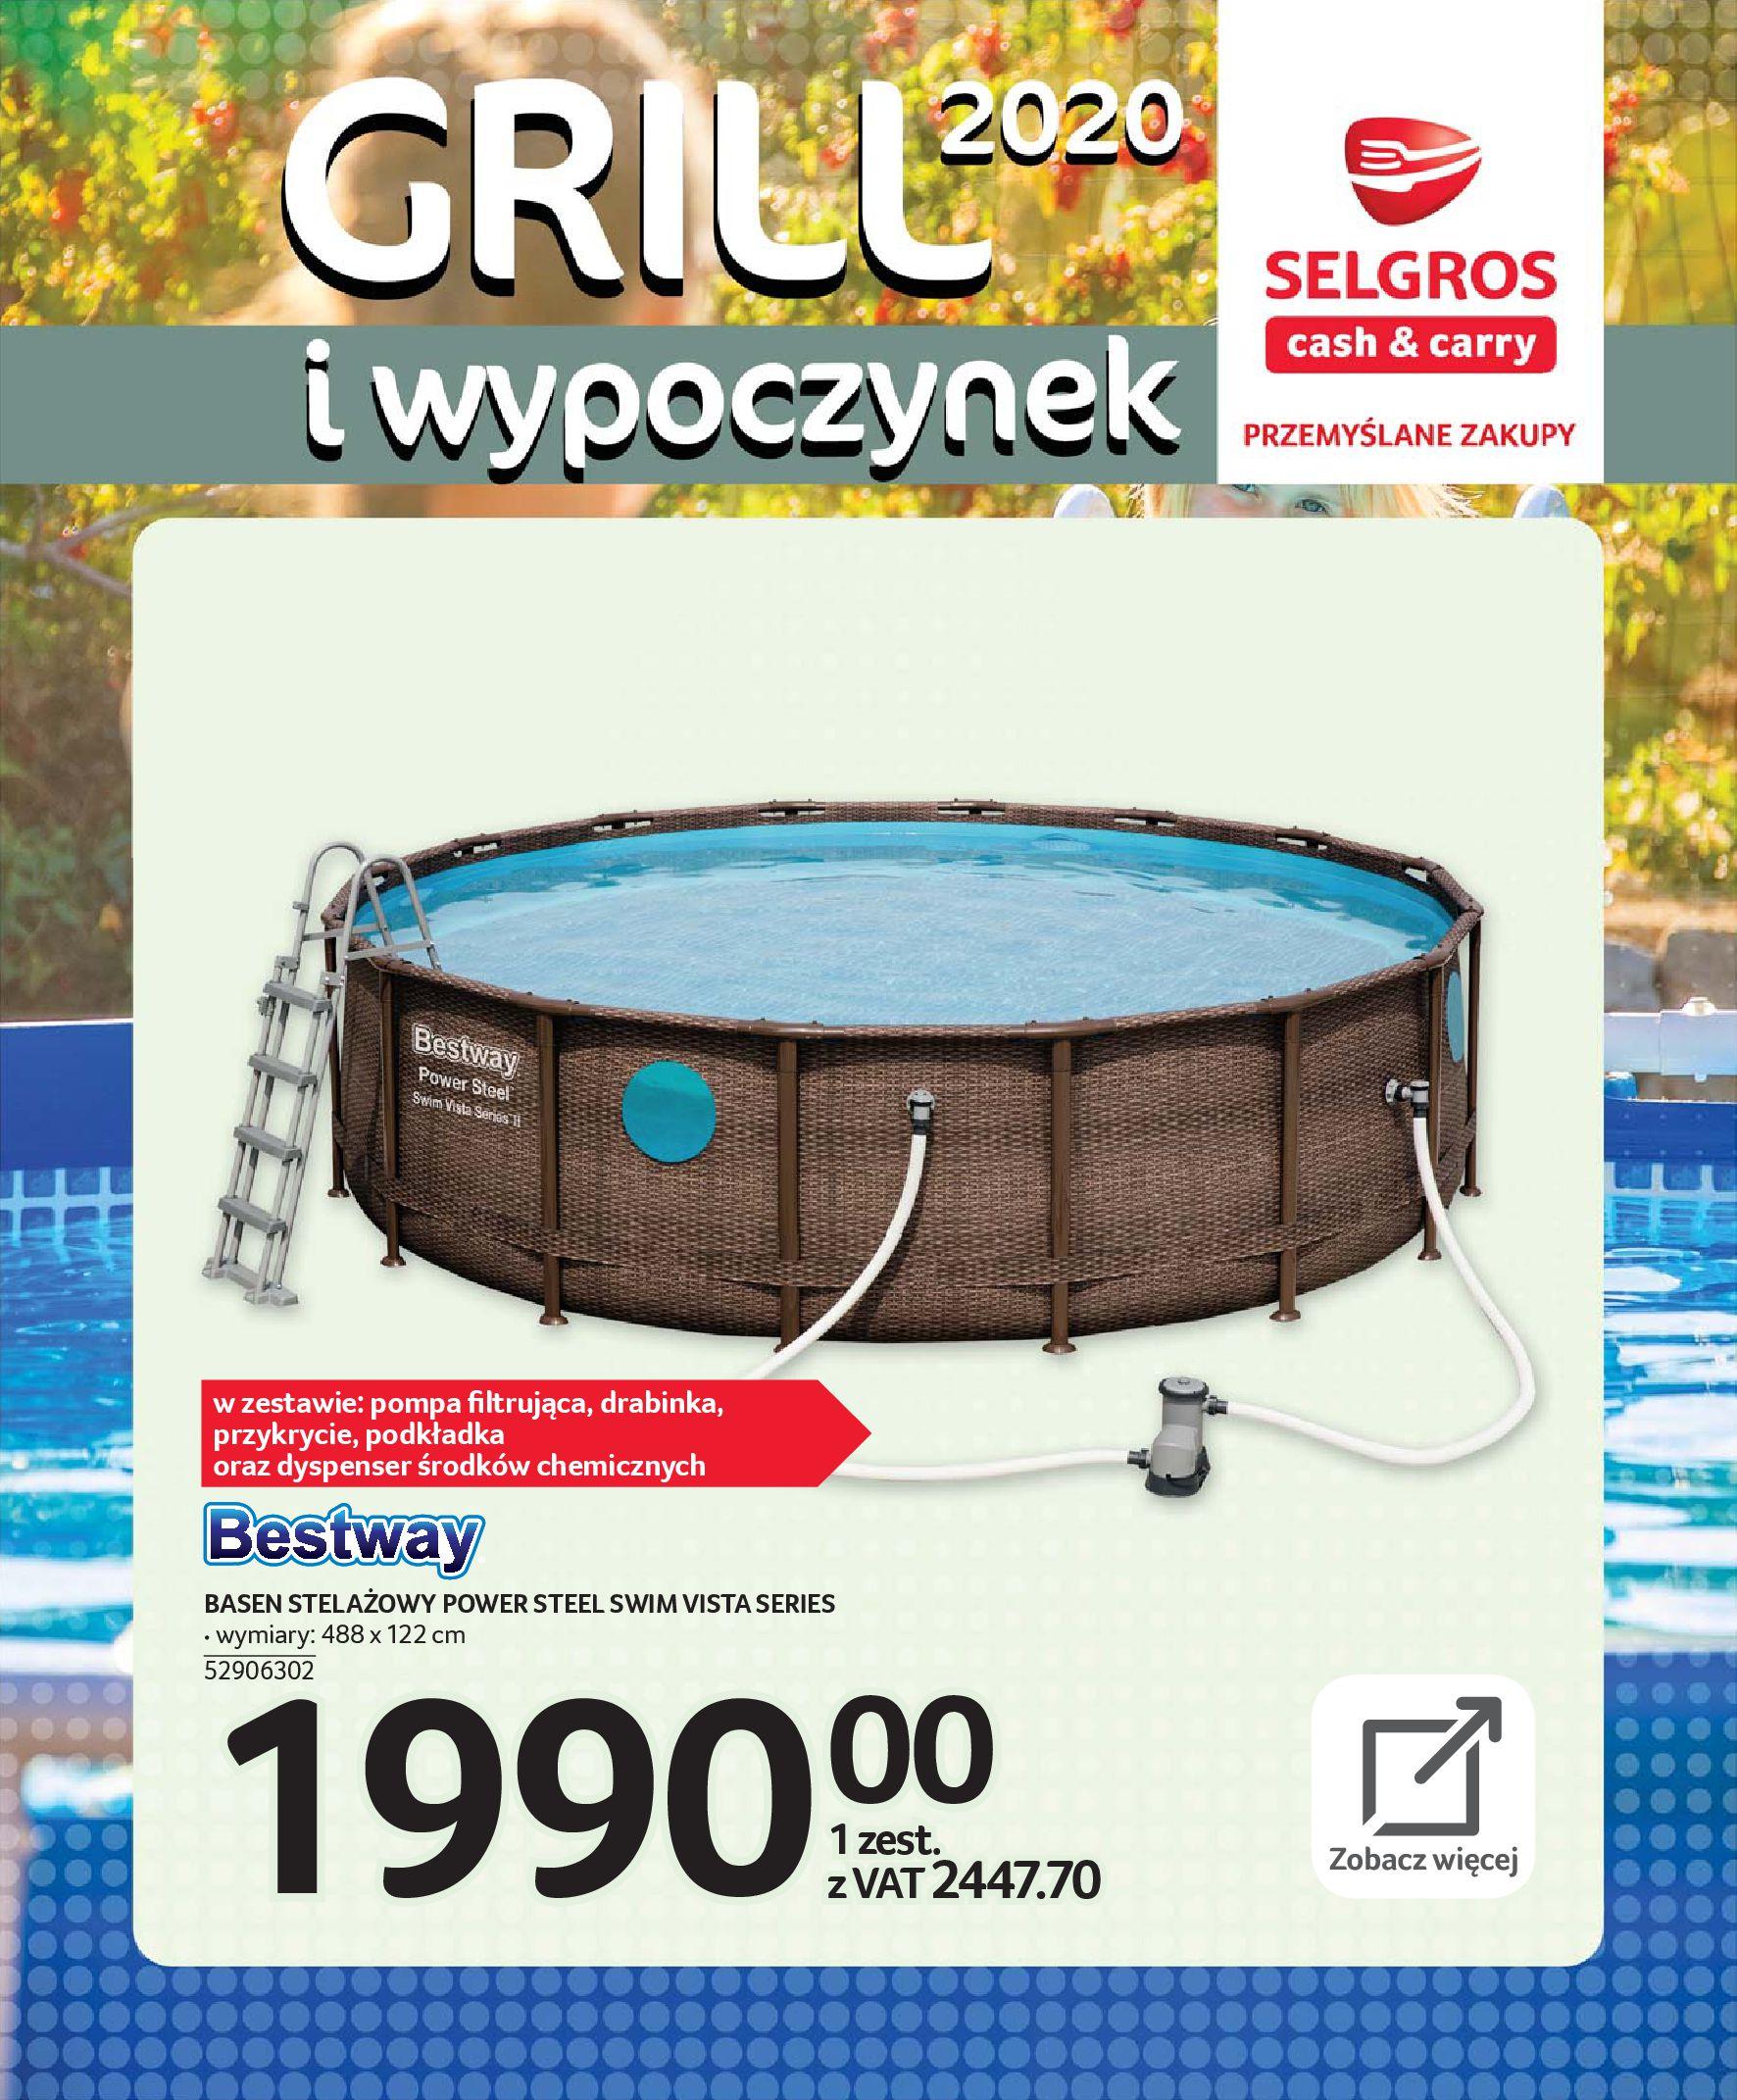 Gazetka Selgros - Katalog - Grill i wypoczynek-31.03.2020-31.08.2020-page-84